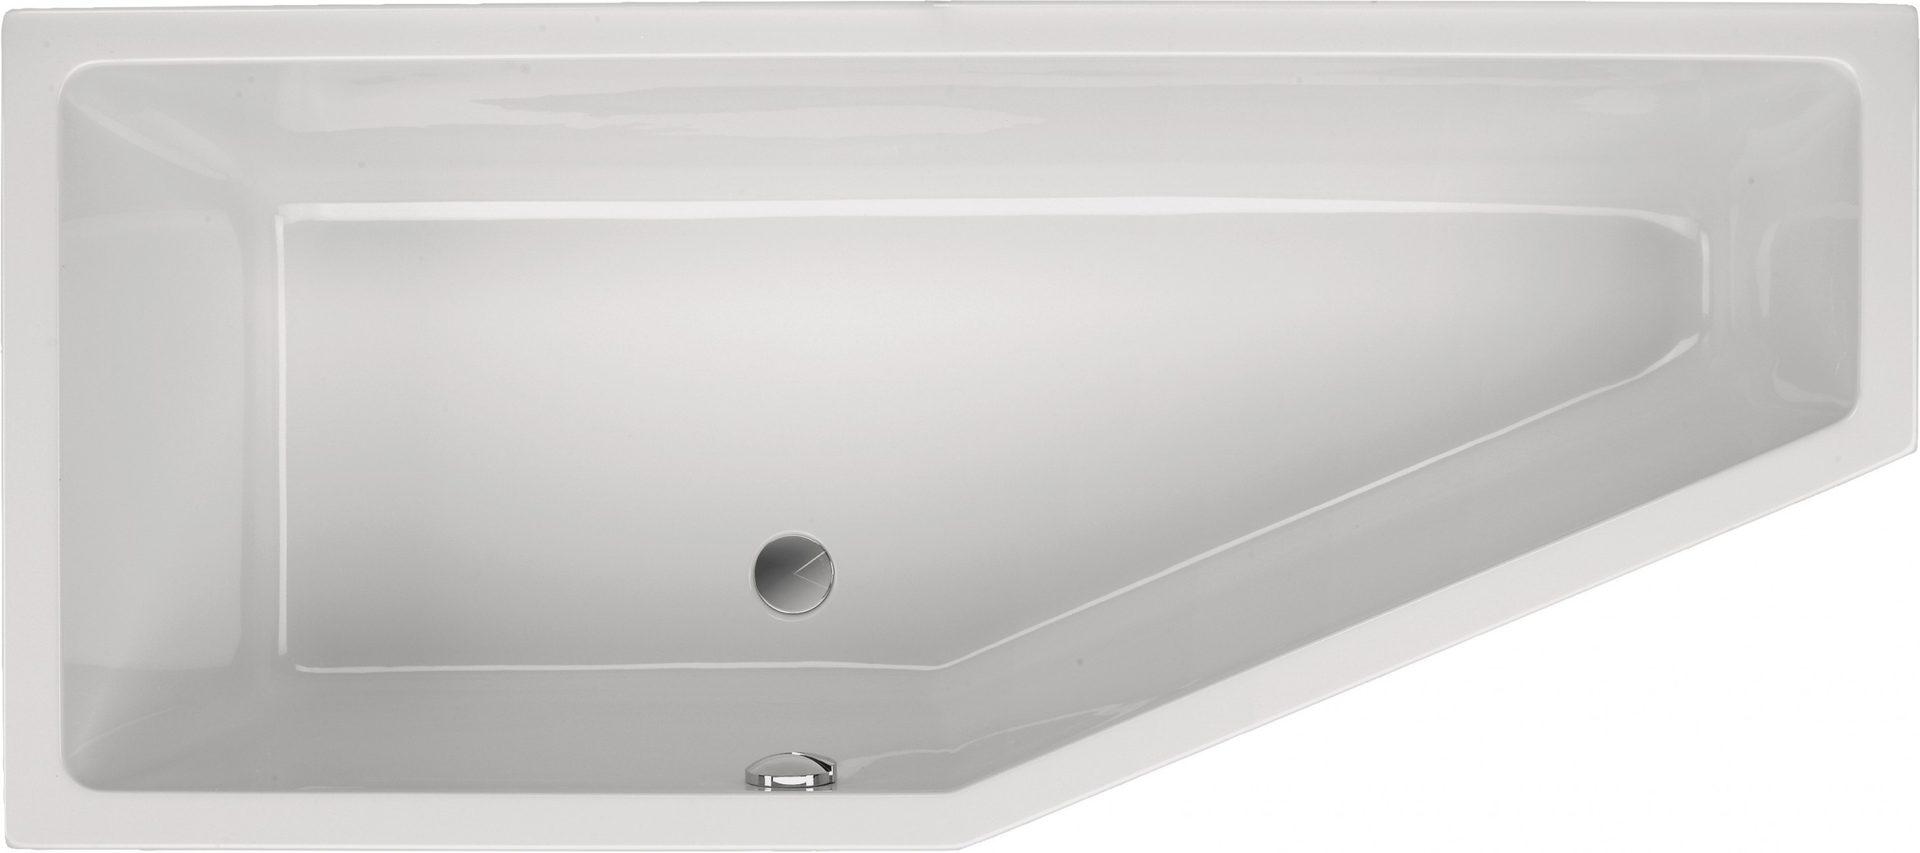 Raumsparbadewanne 170 x 75 x 45 cm bad heizung design for Asymmetrische badewanne 170